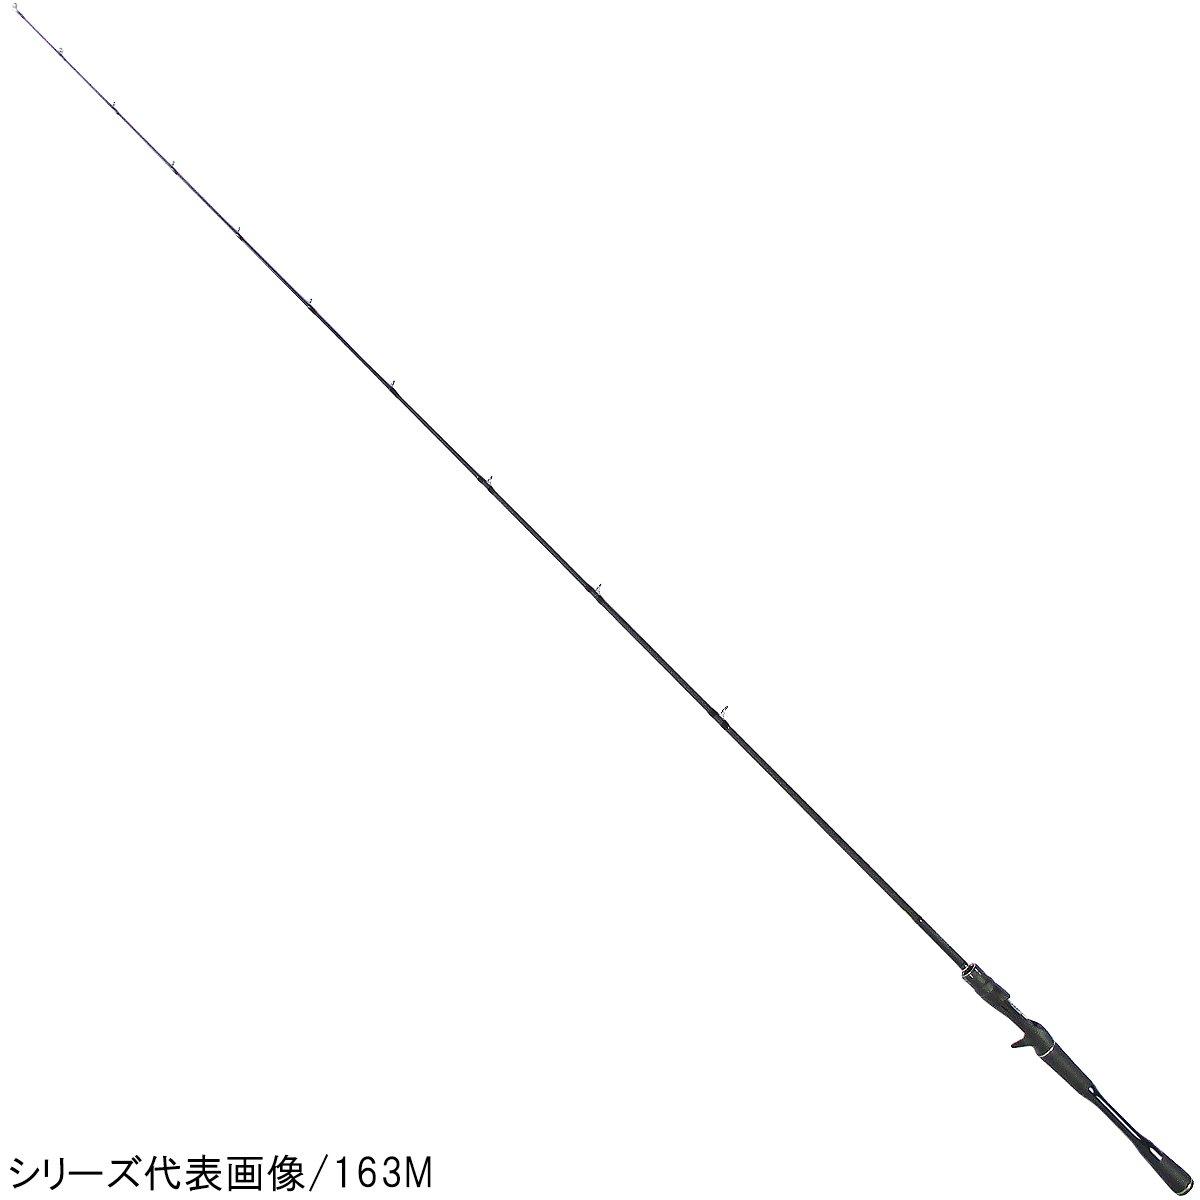 シマノ ポイズンアドレナ(ベイト) 167L-BFS【大型商品】(東日本店)